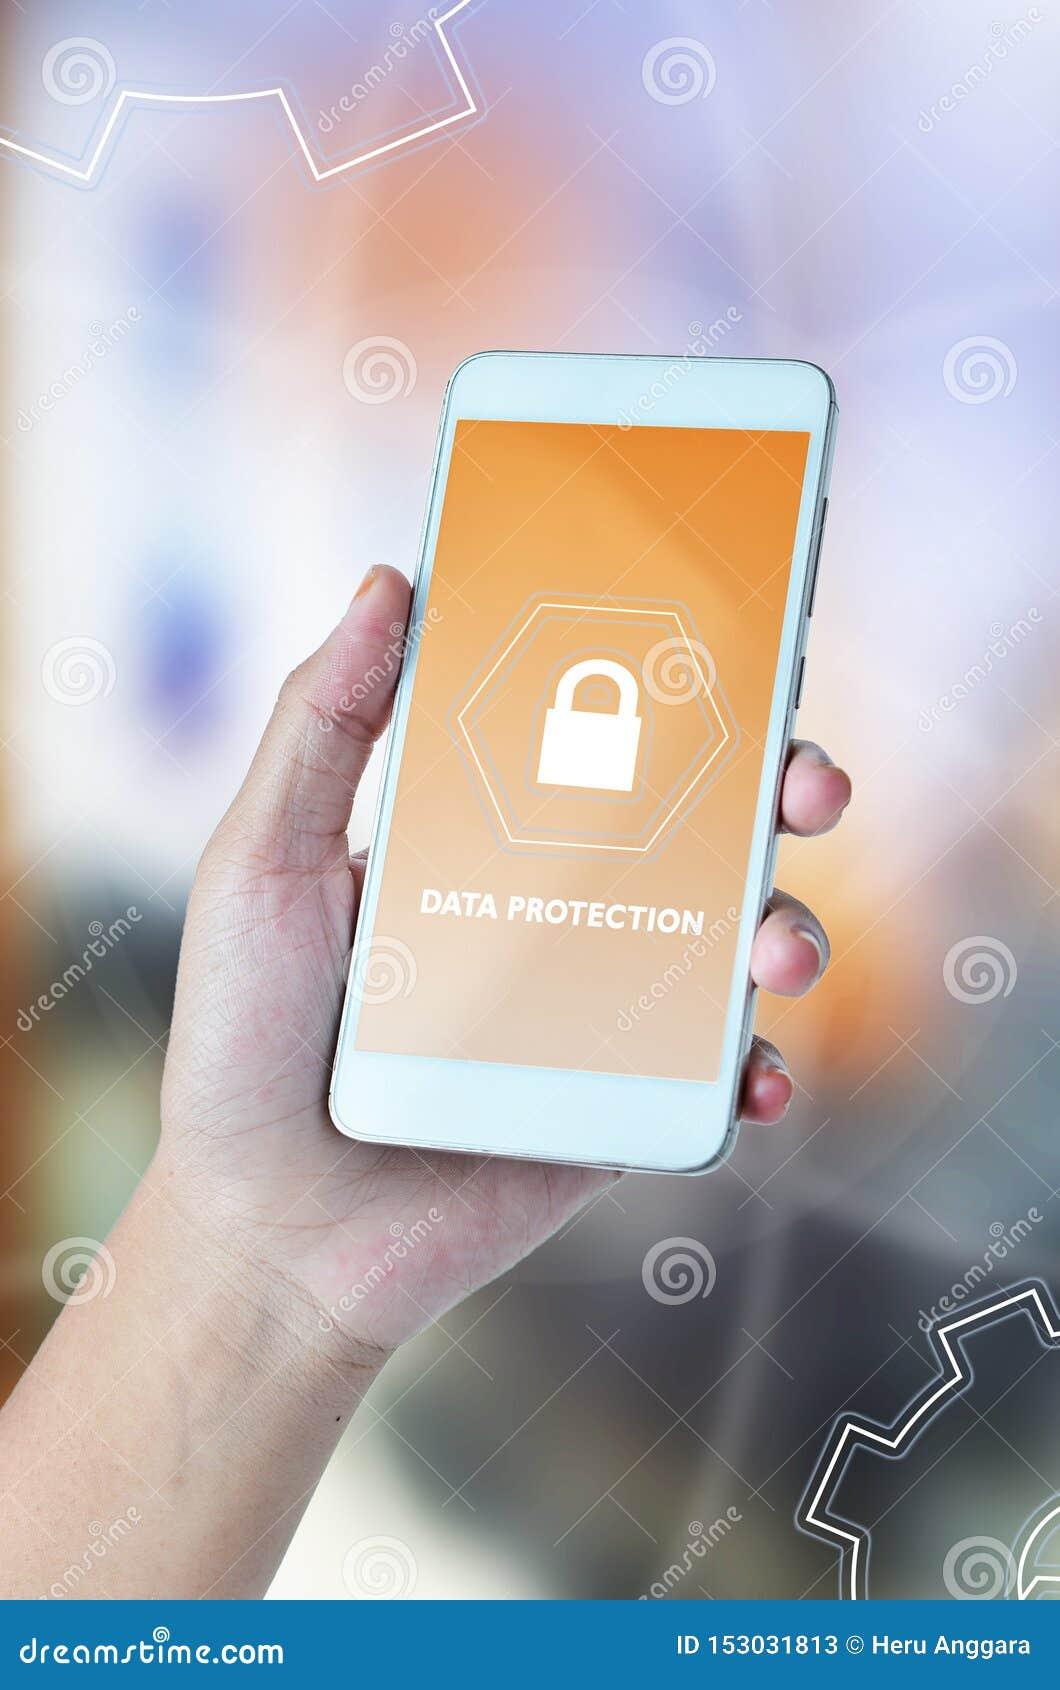 Internetsicherheits-, Datenschutz, Informationssicherheit und Verschl?sselung Internet-Technologie und Gesch?ftskonzept Schreiben